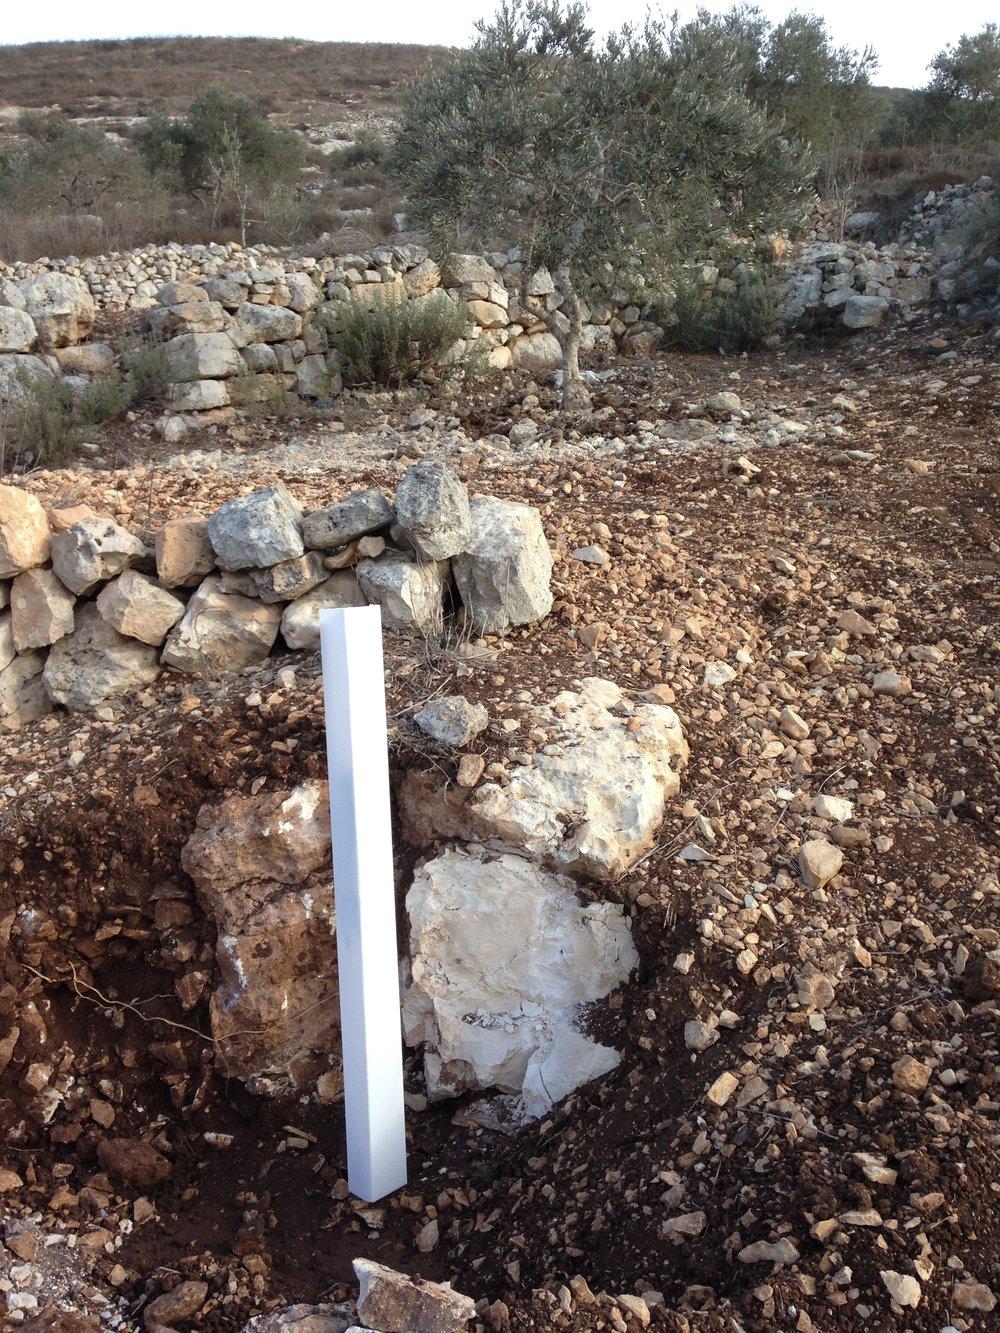 In de witte beschermhuls groeit een van de 1100 olijfbomen